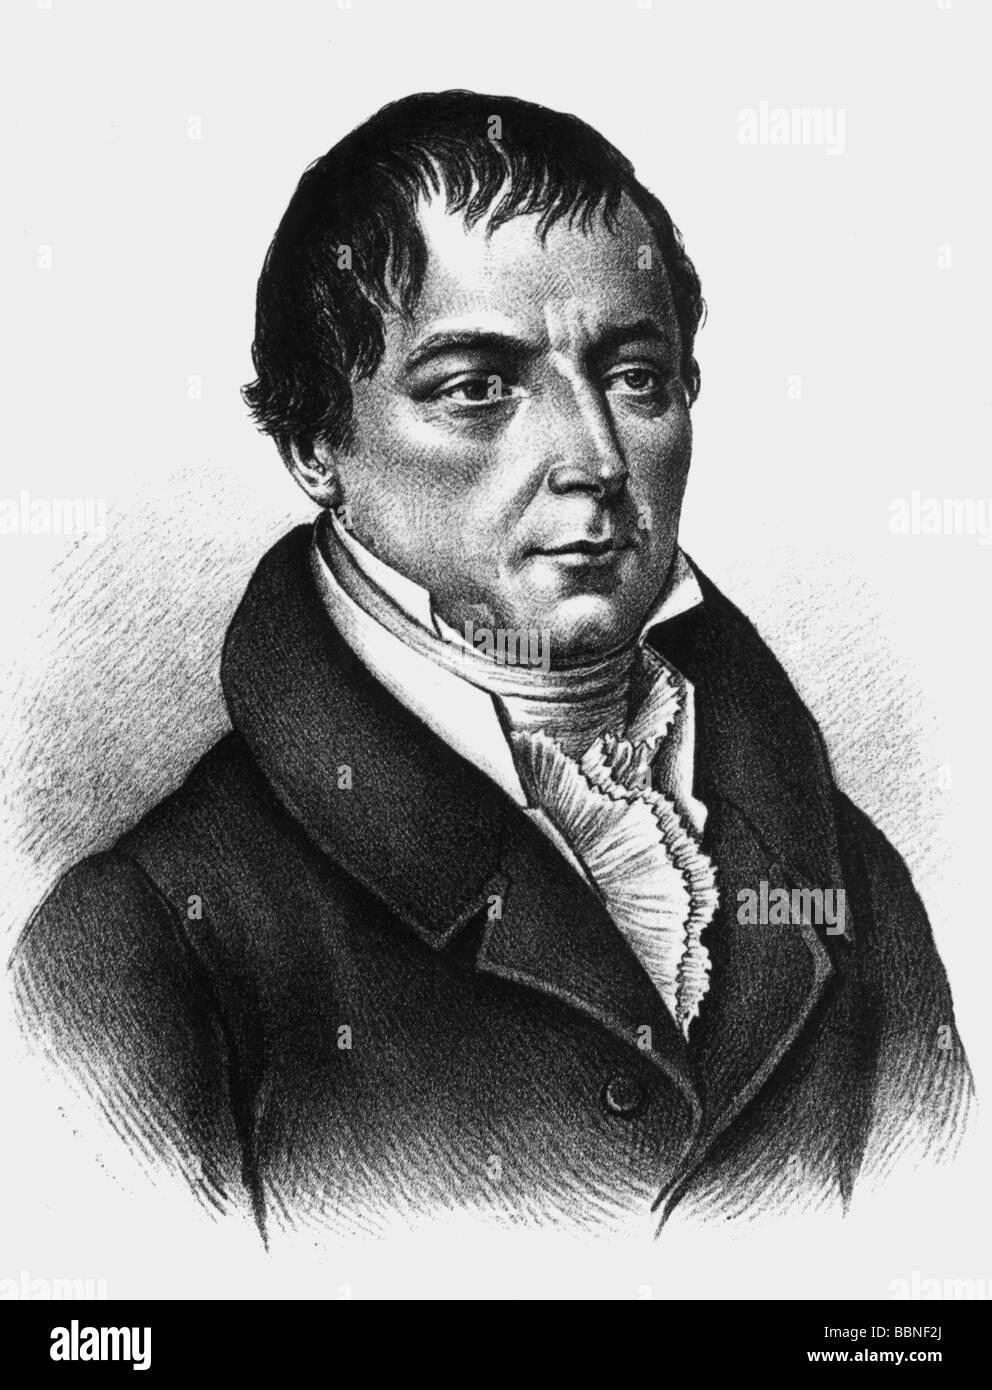 Buch, Christian Leopold-von, 26. 4.174 - 4.3.1853, deutscher Wissenschaftler (Geologe), Porträt, zeitgenössische Gravur, Stockfoto